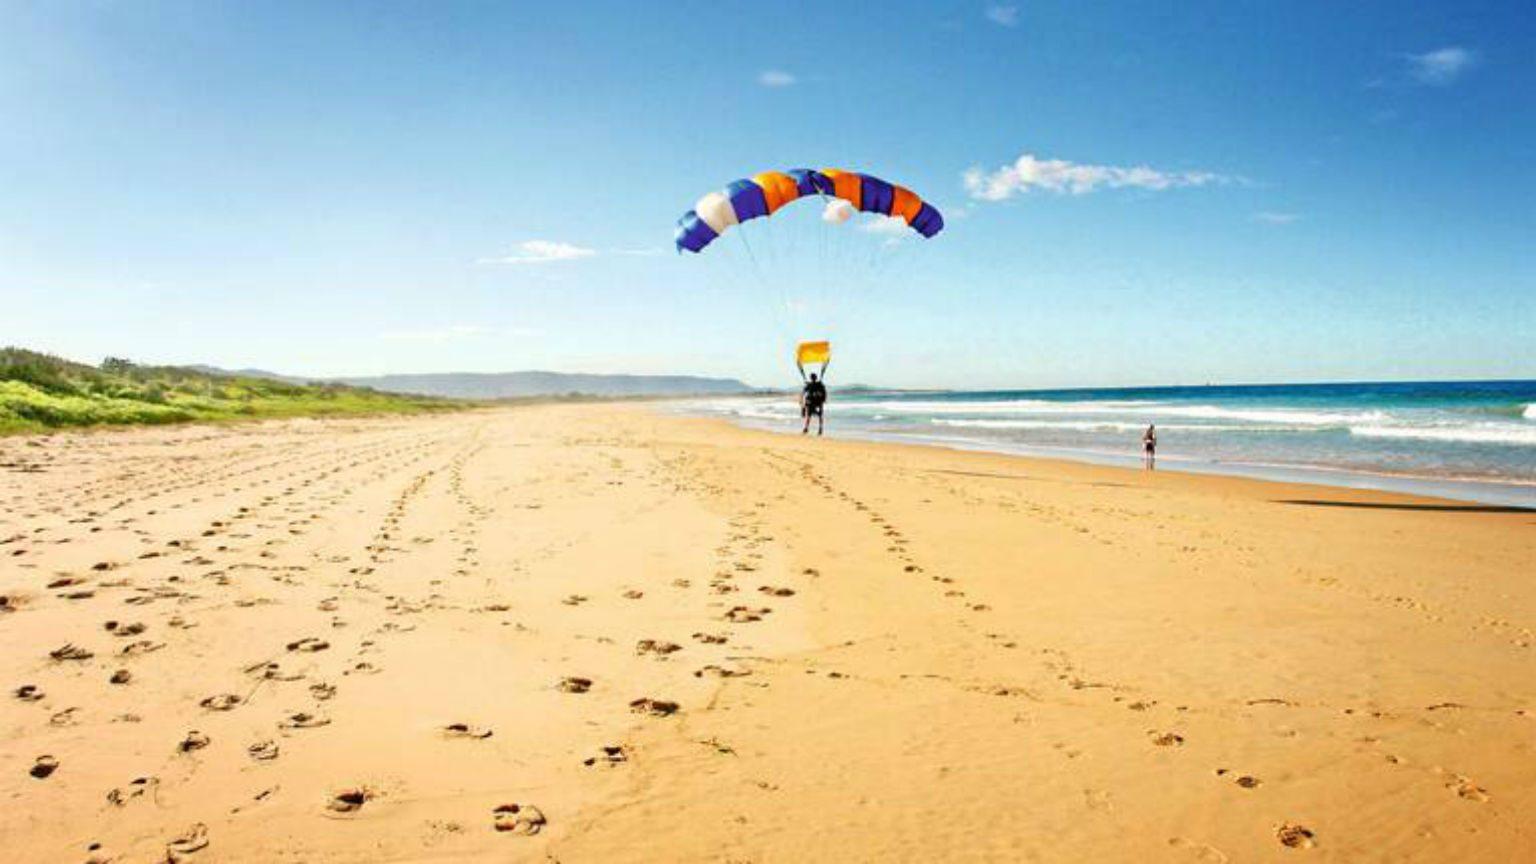 Skydiving Wollongong